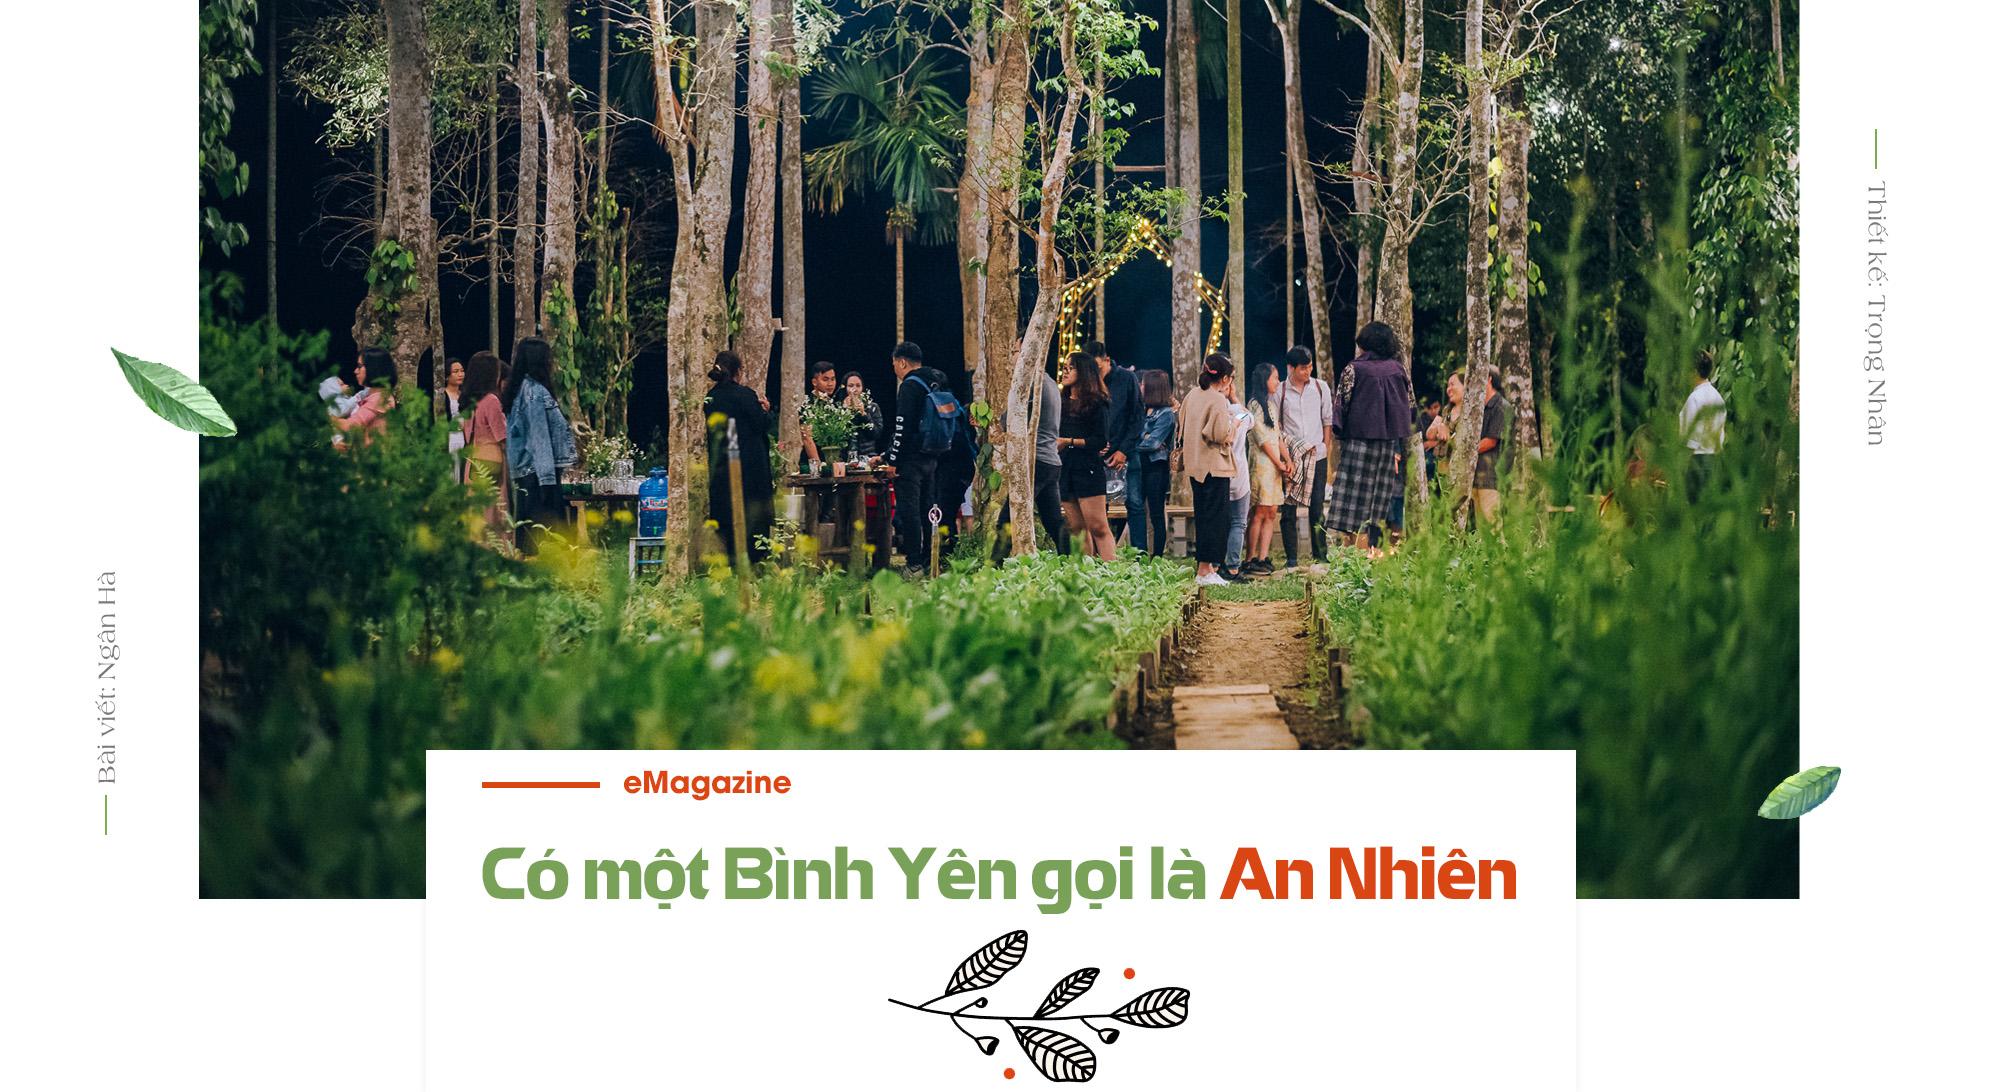 Co Mot Binh Yen Goi La An Nhien Main